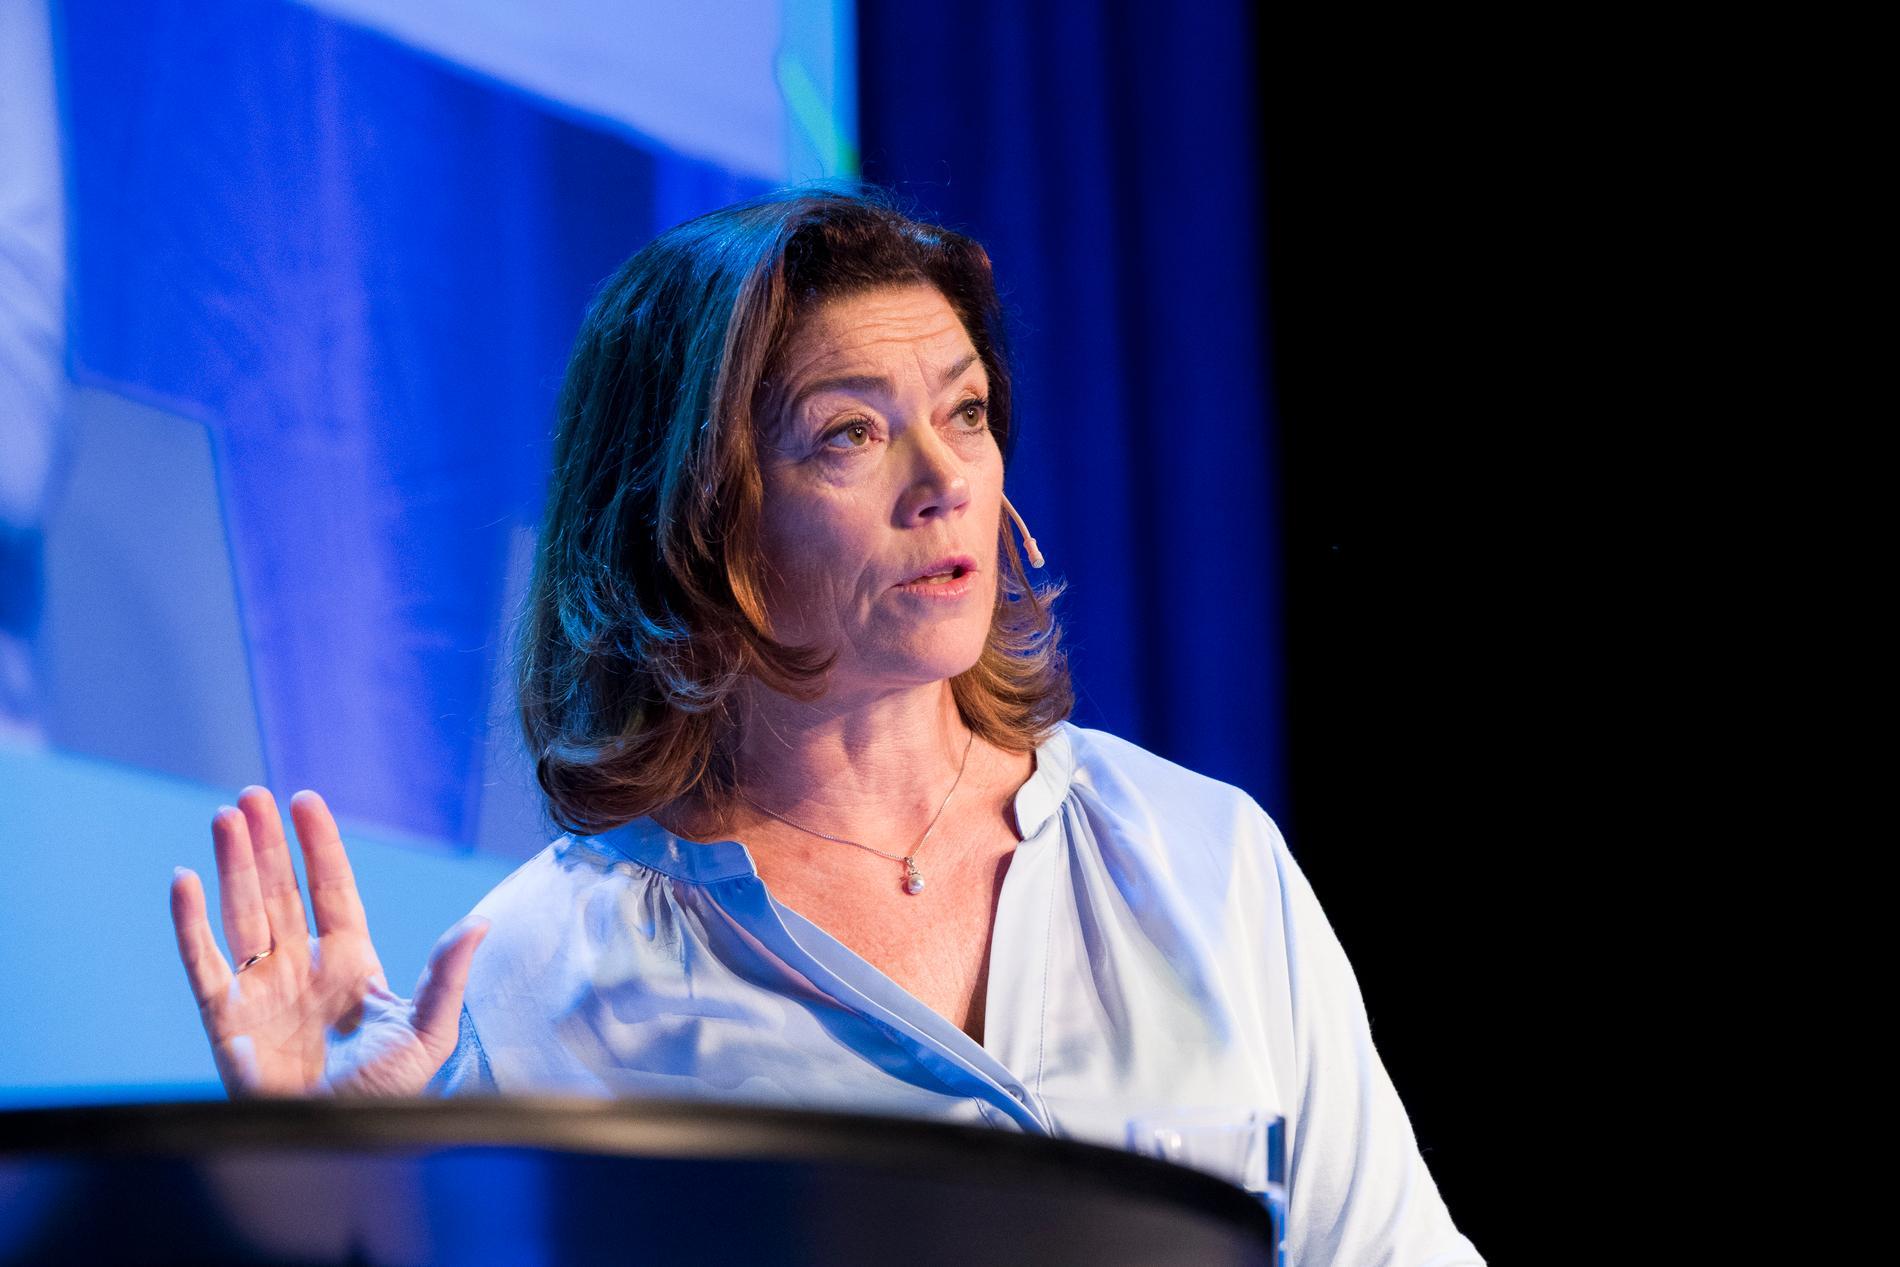 Kristin Skogen Lund, vd för Schibsted. Arkivbild